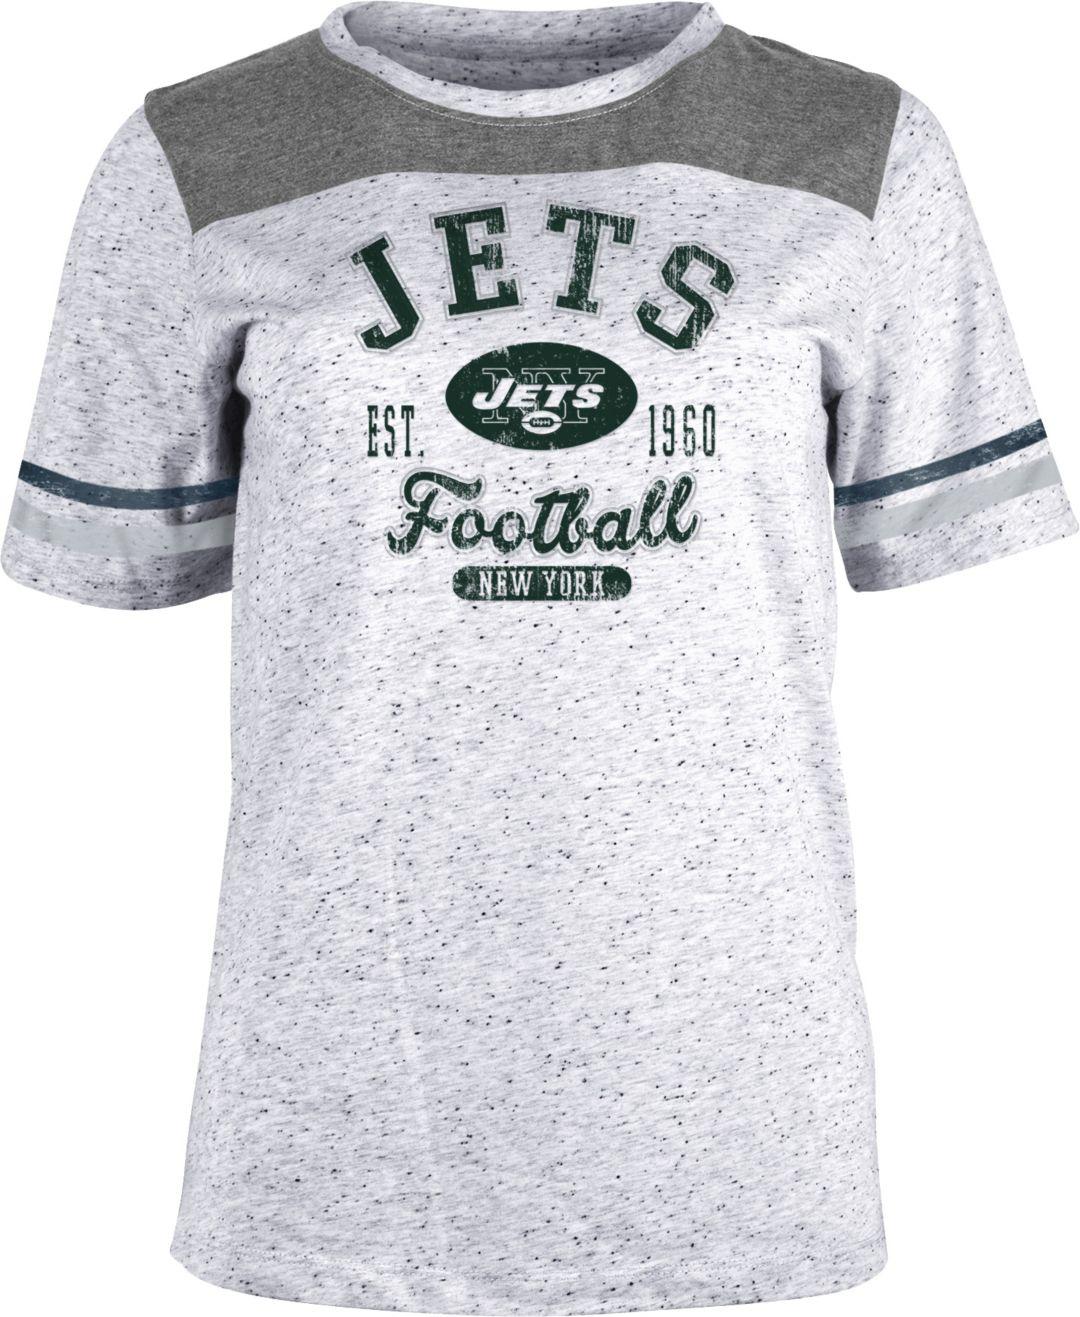 985ac375 NFL Team Apparel Women's New York Jets Peppercorn T-Shirt